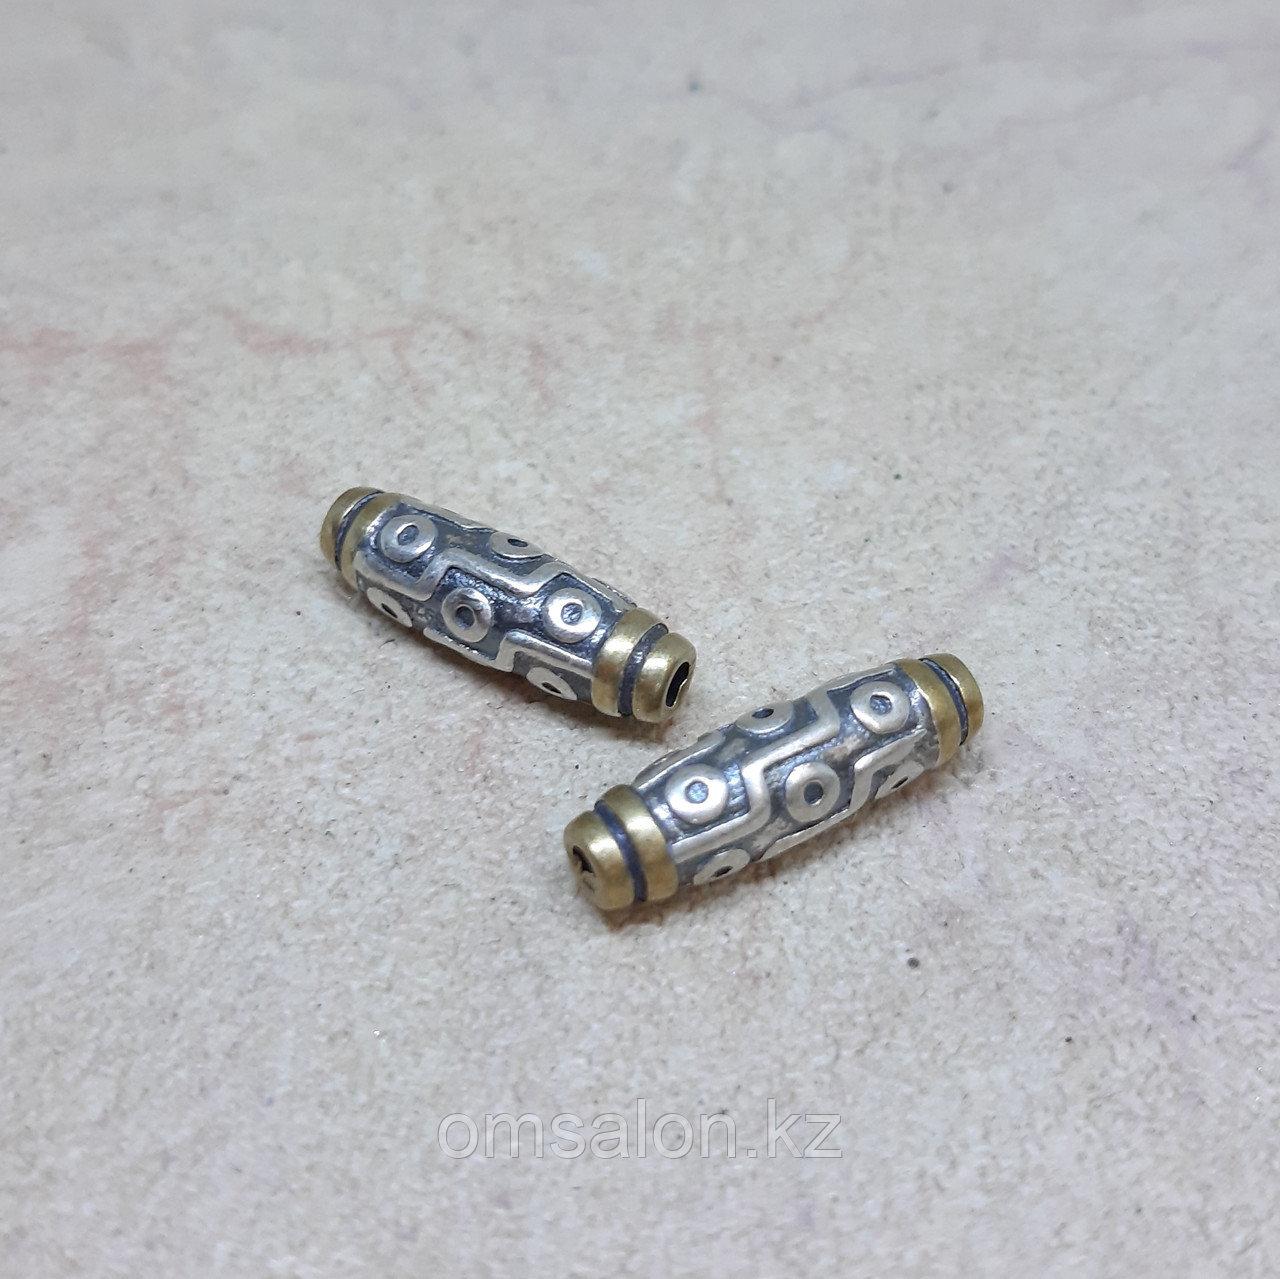 Бусина Дзи 9 глаз из серебра с позолотой, 16*5мм